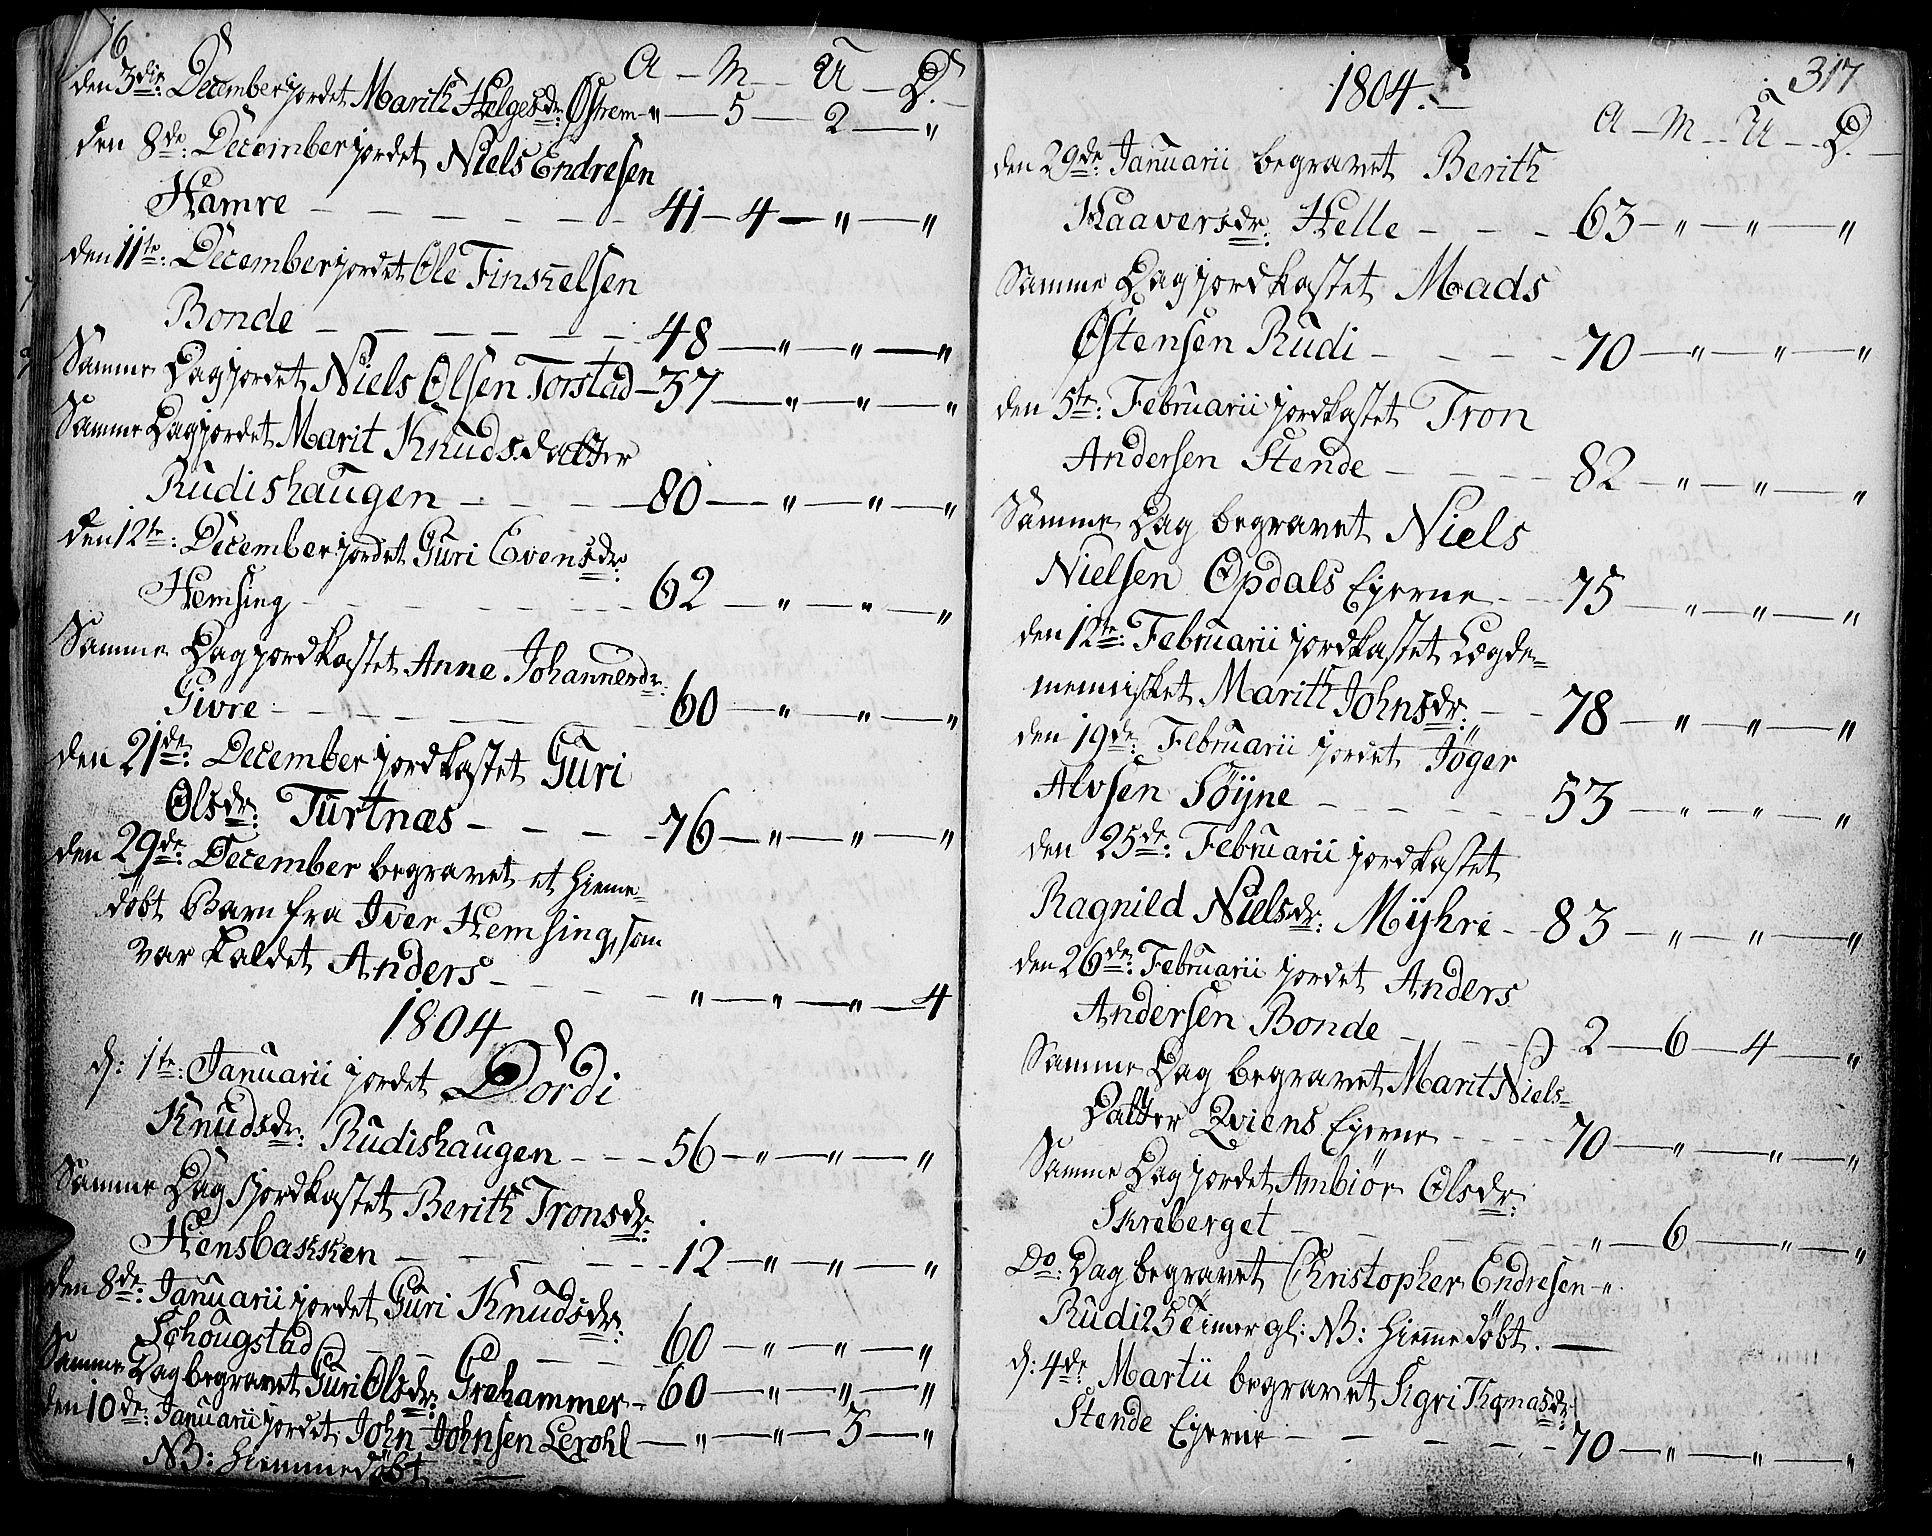 SAH, Vang prestekontor, Valdres, Ministerialbok nr. 2, 1796-1808, s. 316-317